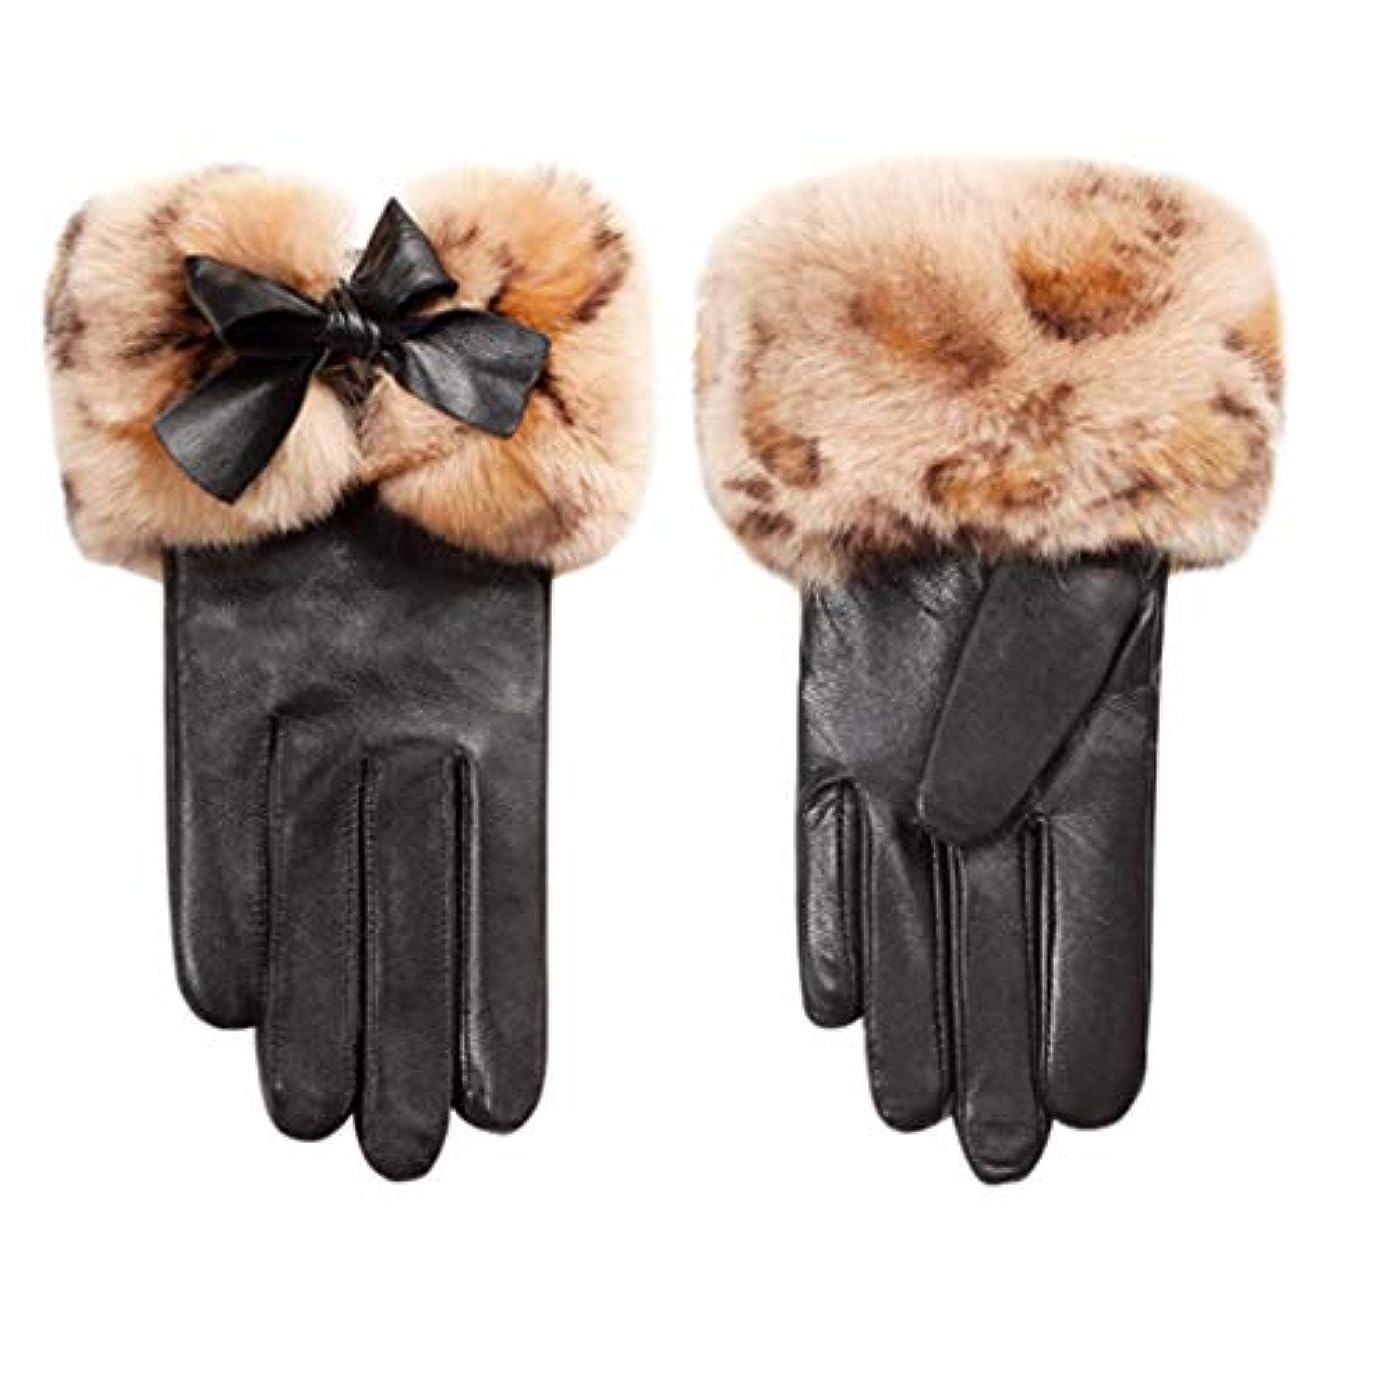 傾向がありますくそー単調な手袋女性の冬プラスベルベット厚い暖かい韓国のかわいい乗り物運転屋外防風レディース革手袋N2E8X81452黒M